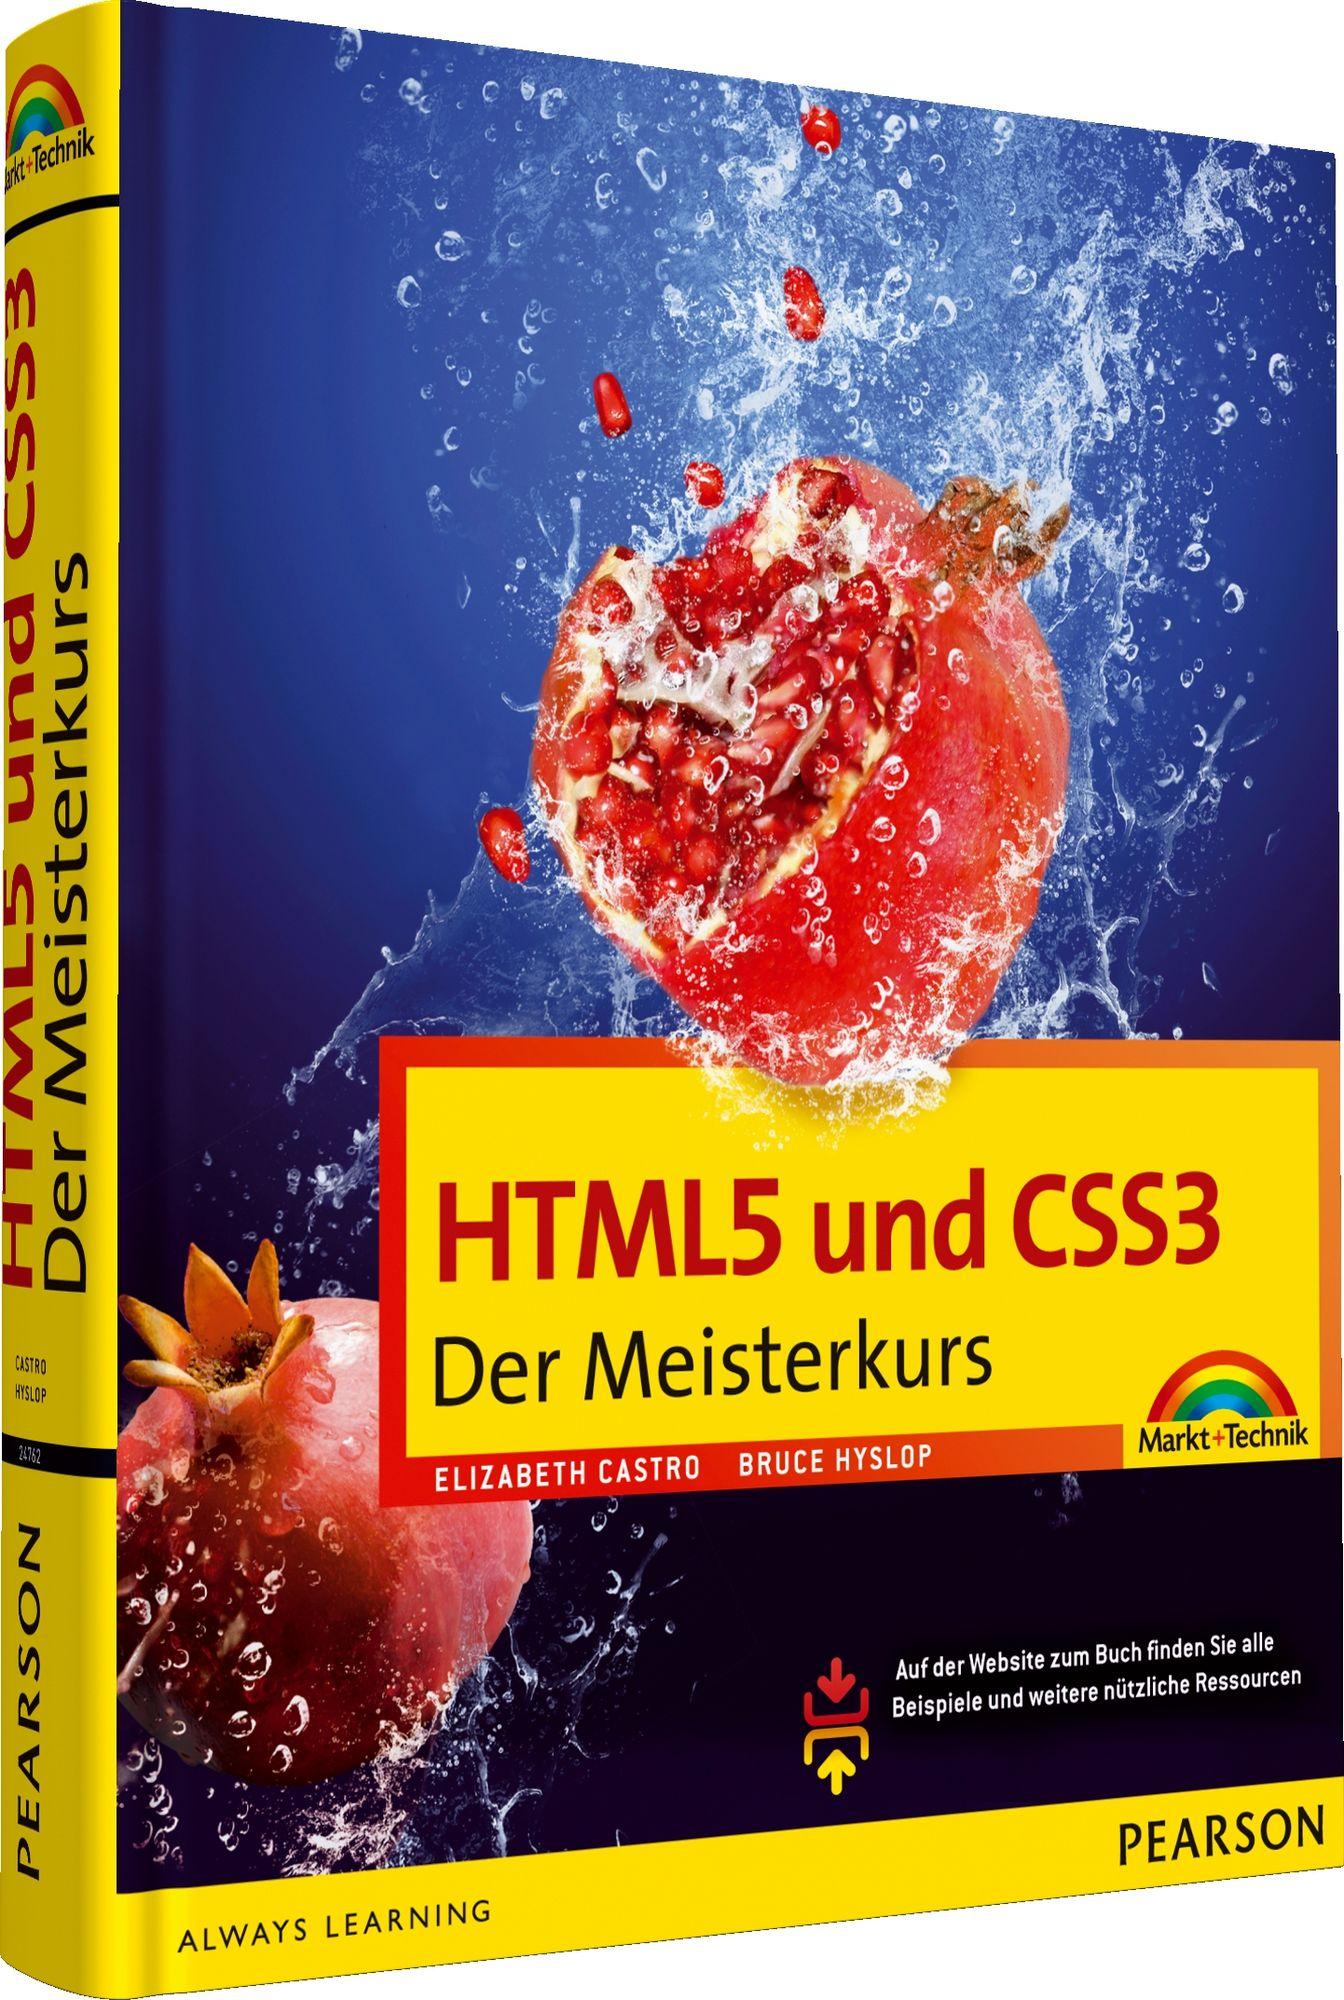 HTML5 und CSS3 - HTML5 und CSS3. Der Meisterkur...